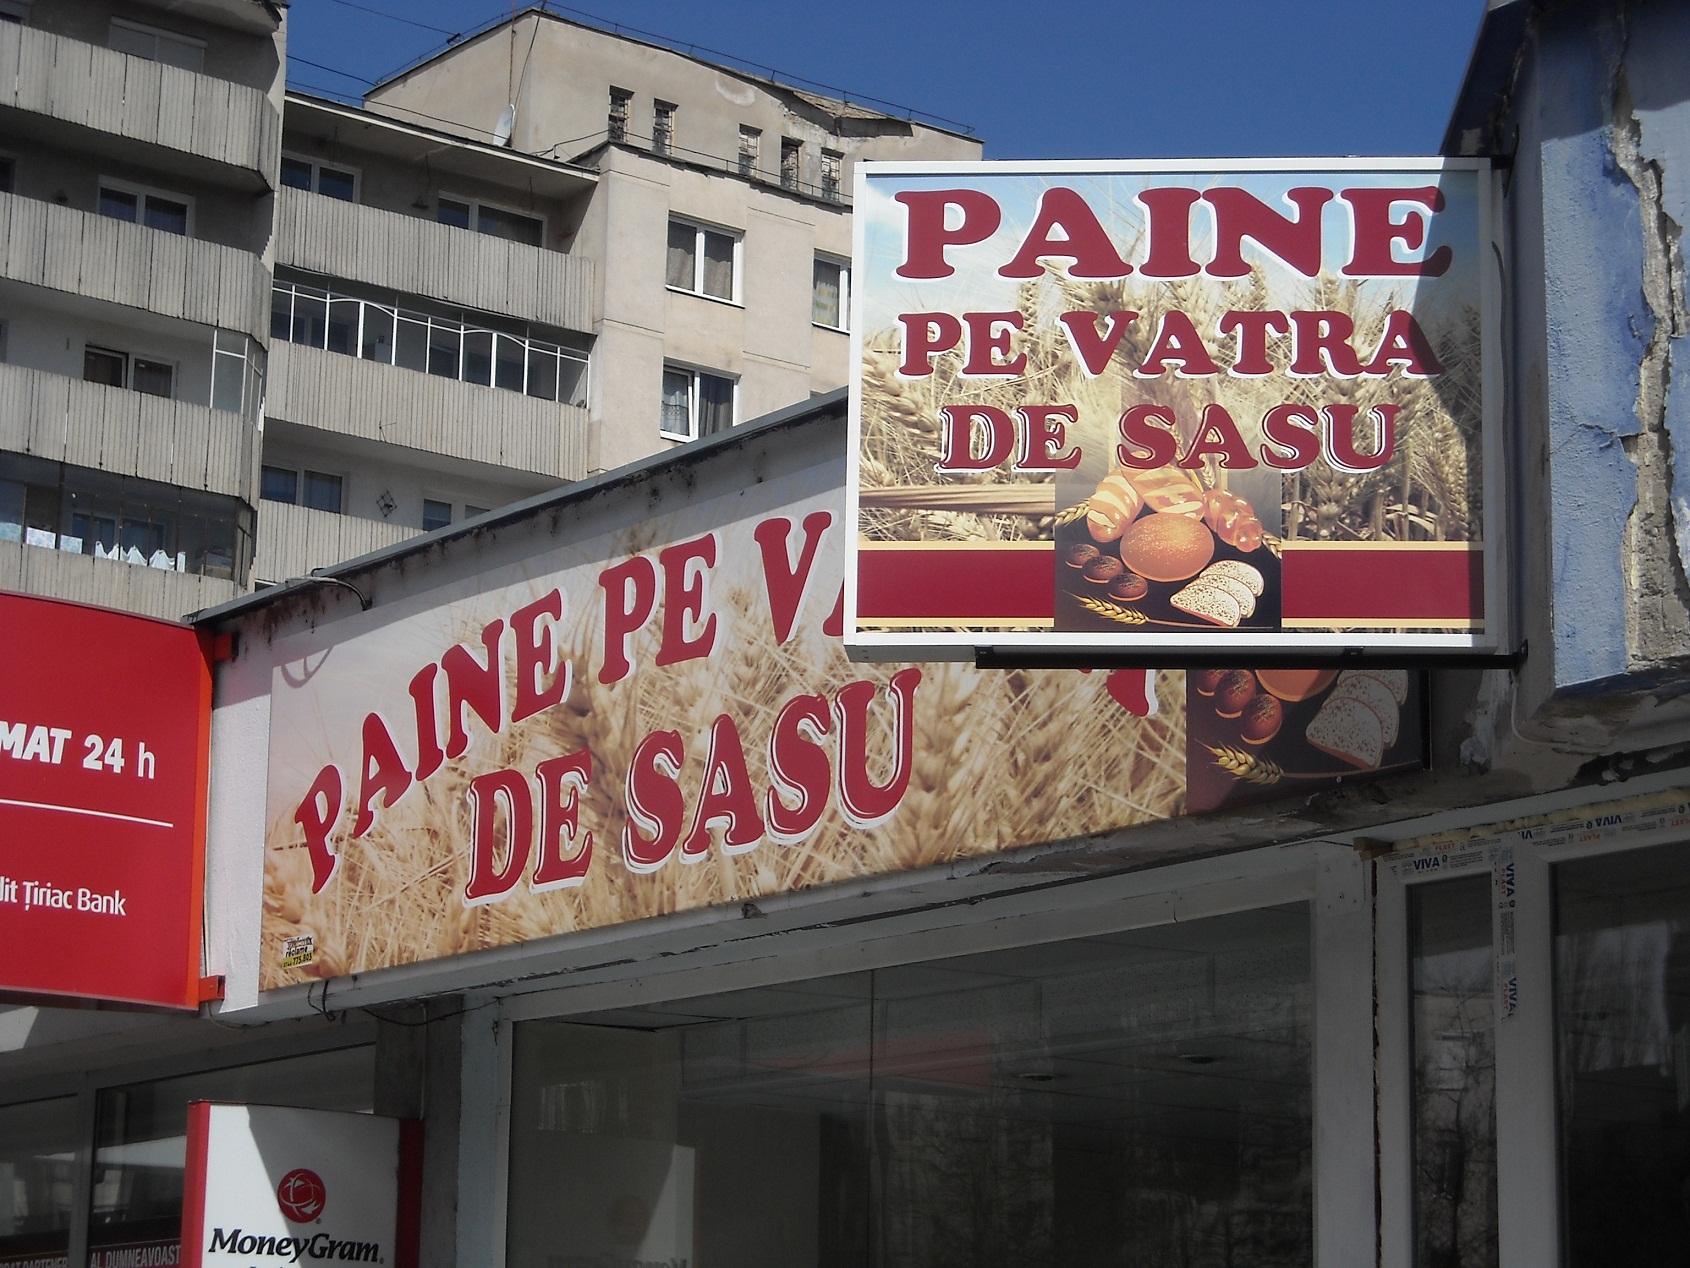 PRINTURI SI BANNERE Sasu